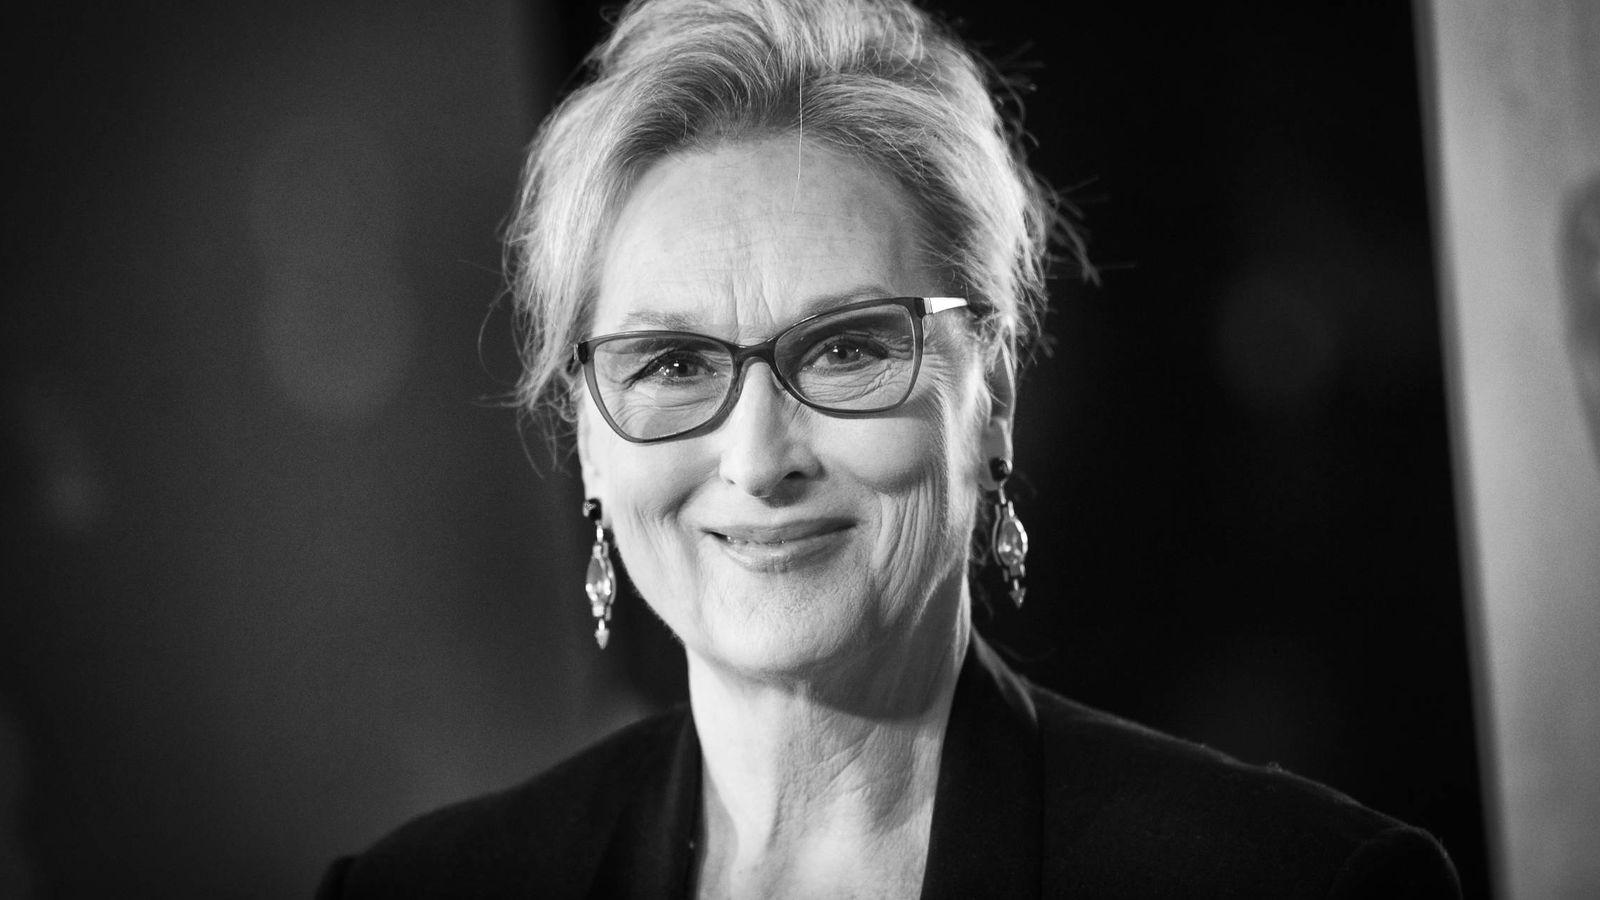 Foto: La actriz Meryl Streep en una imagen de archivo. (Gtres)